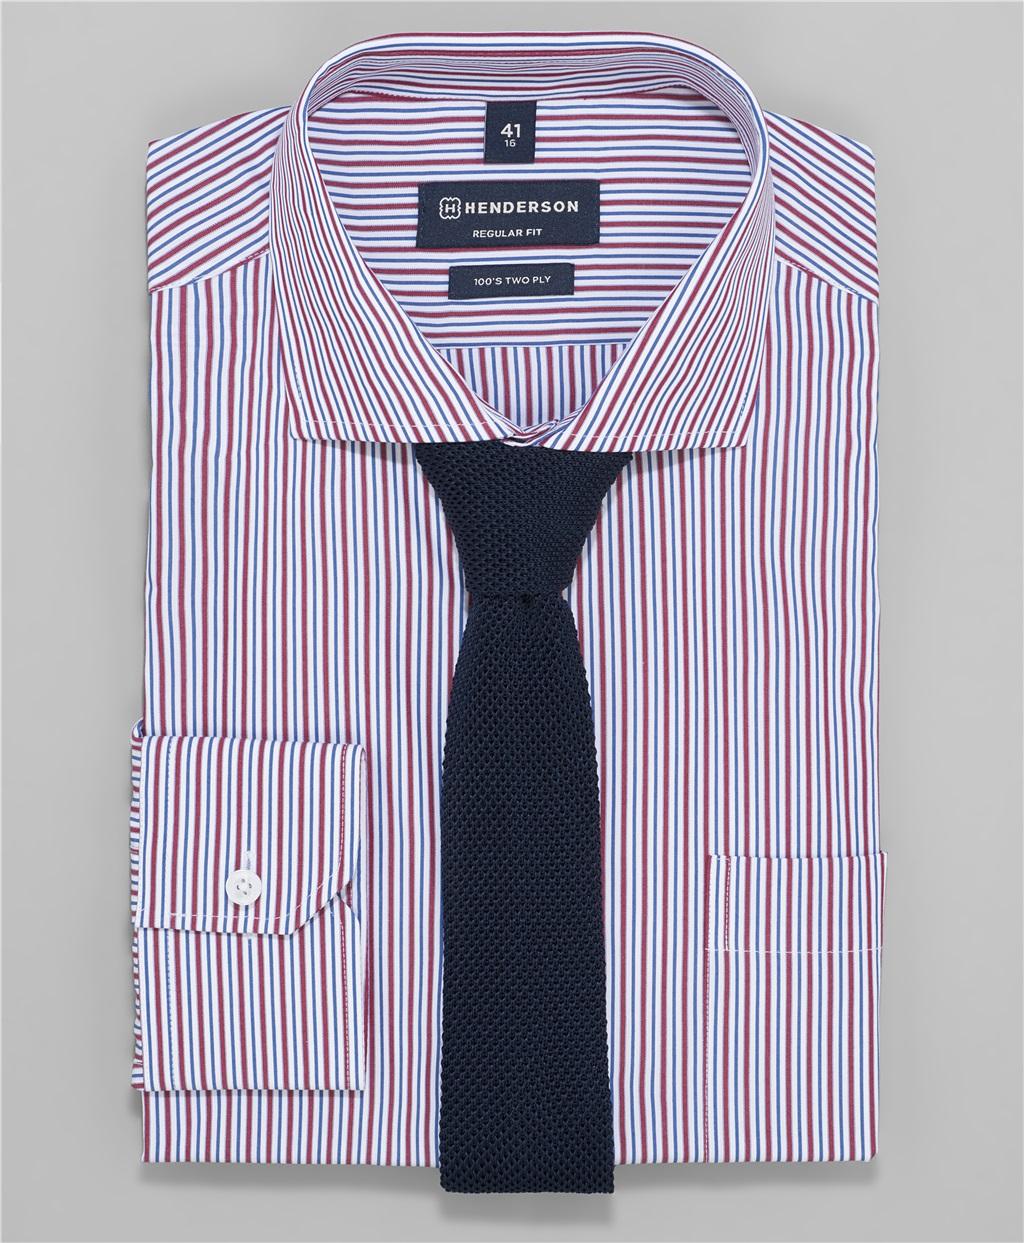 Рубашка прямой силуэт HENDERSON SHL-1405 BORDO фото